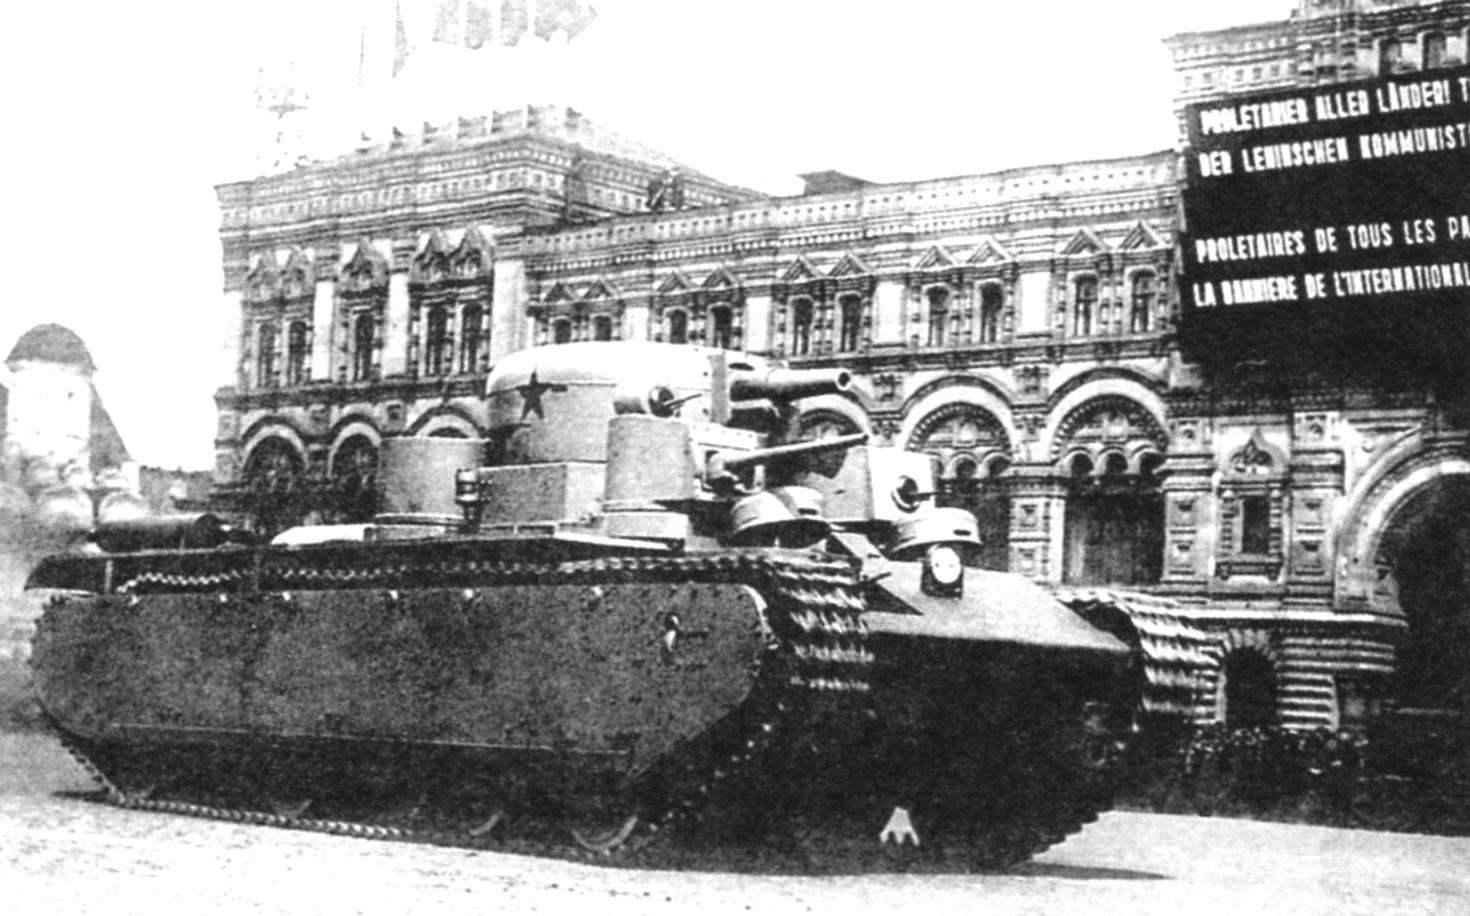 Предшественник Т-100 - трёхбашенный танк Т-35. Парад в Москве на Красной площади, 1935 г.